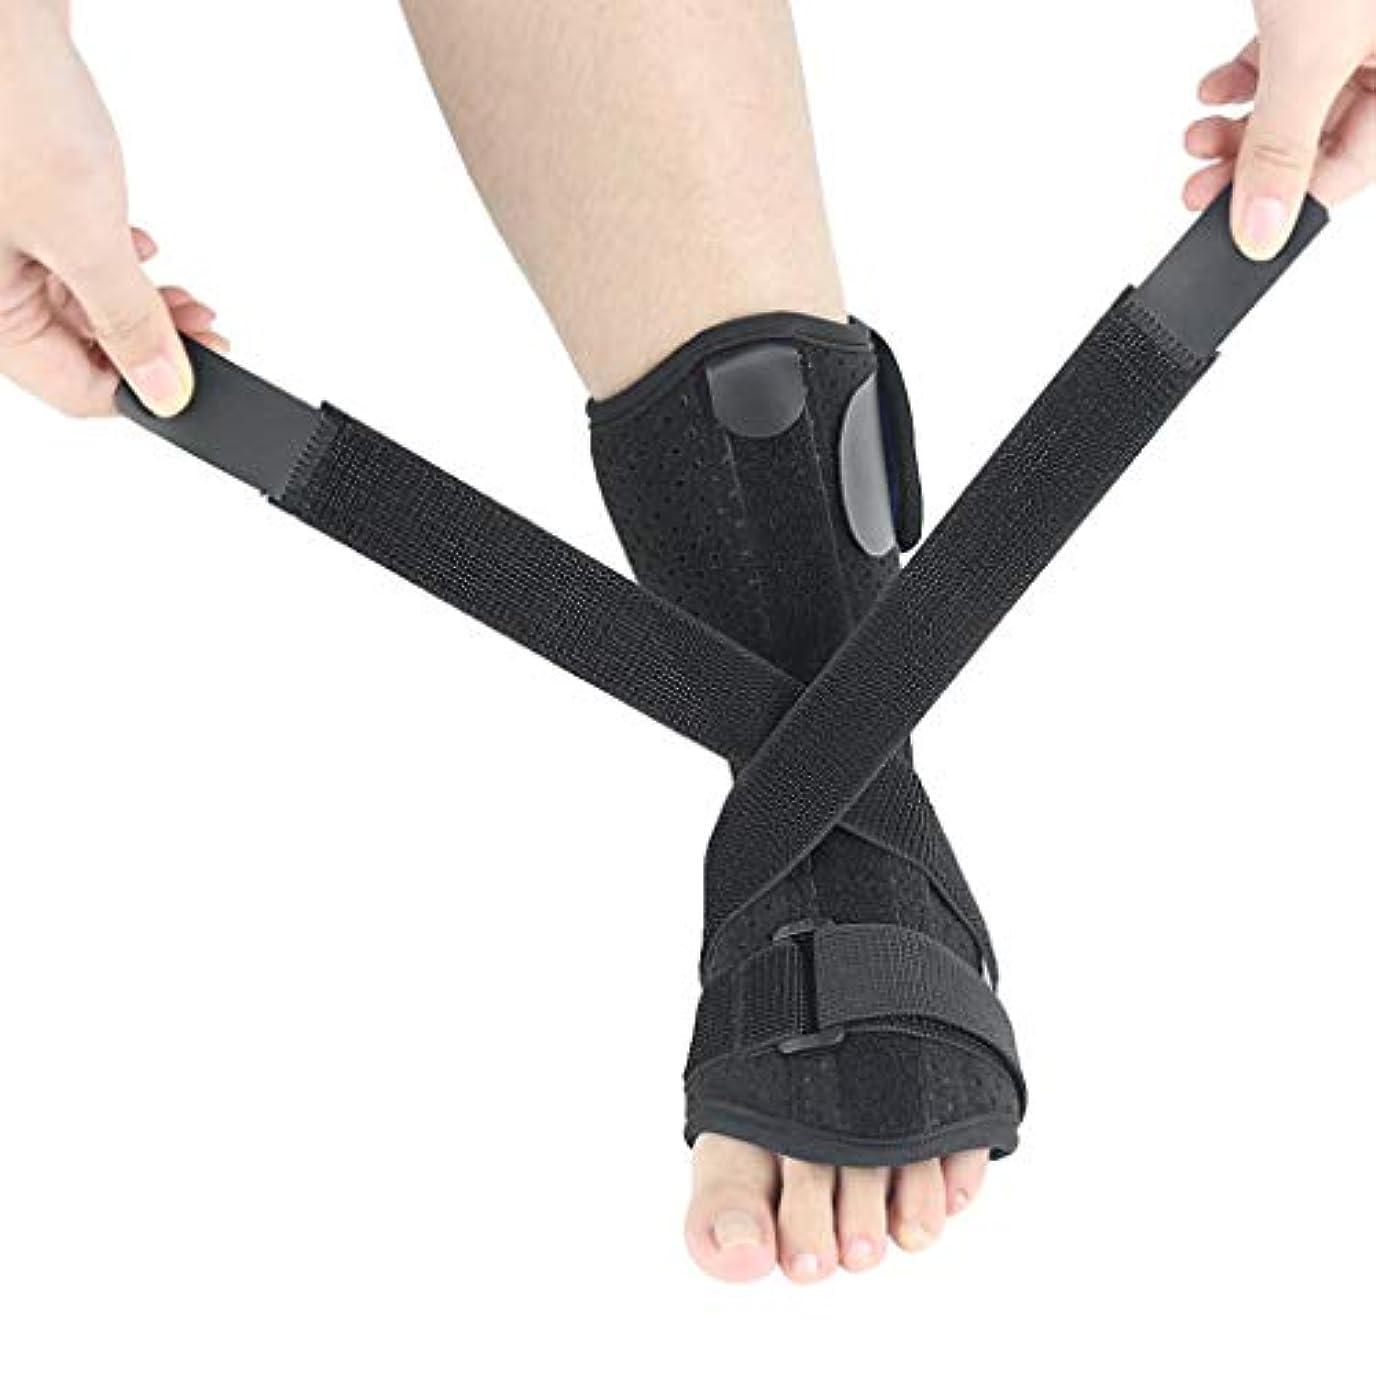 趣味毎日教えて足首サポーター 足用サポート アンクルサポーター スポーツサポーター テーピングサポーター 足首保護 捻挫防止 関節?靭帯? 筋肉保護 通気性抜